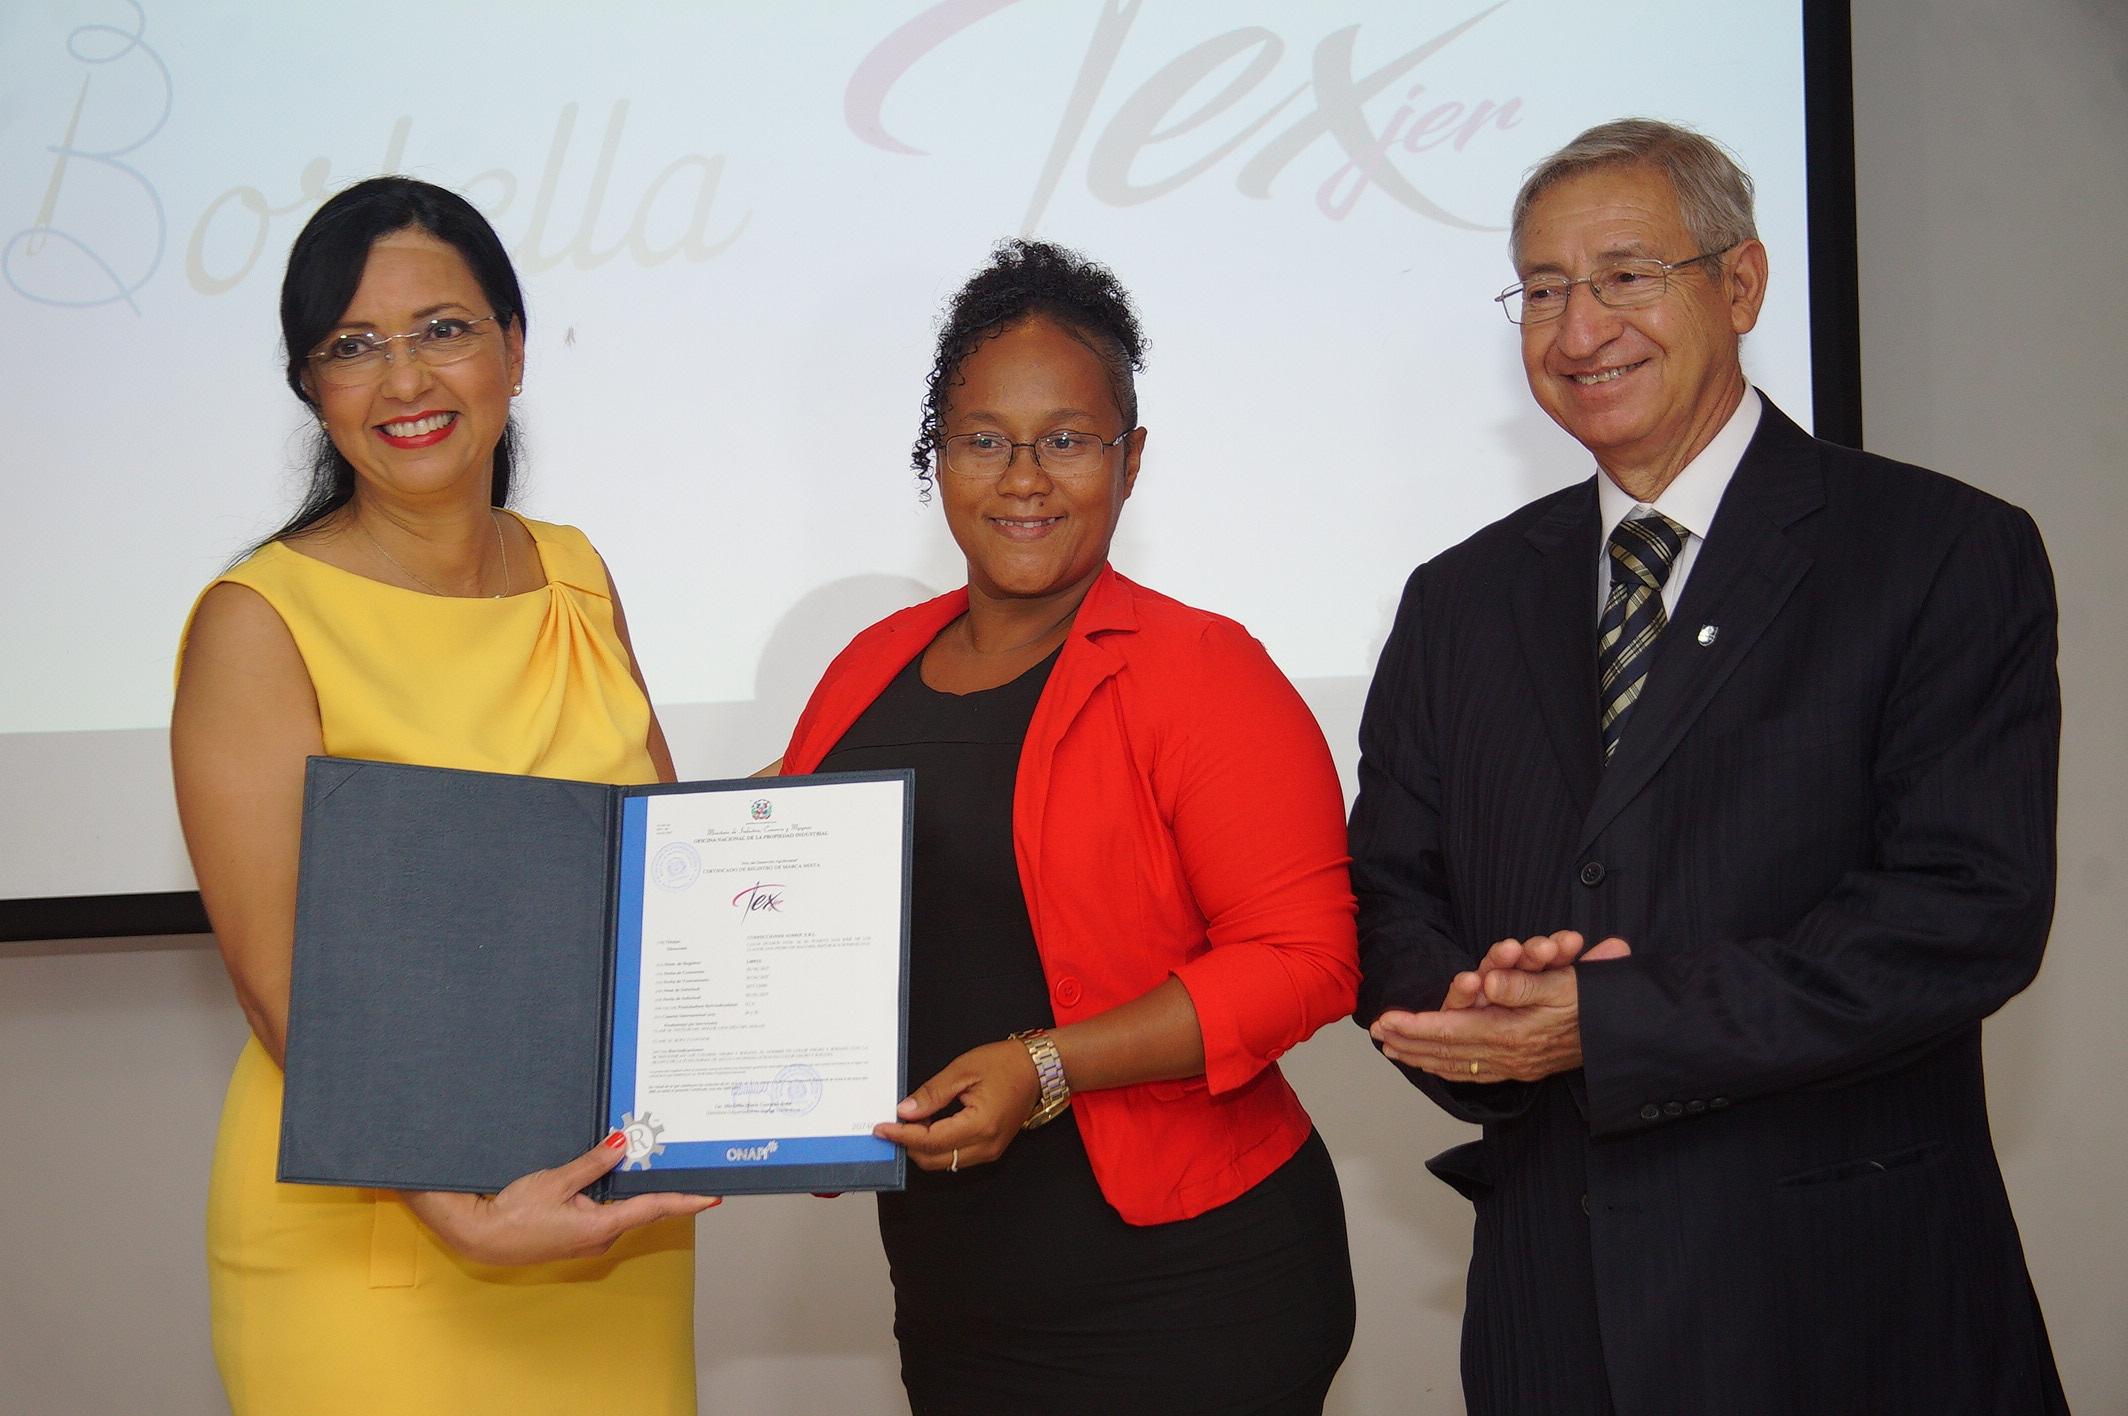 Dra. Sandy Lockward, Sra. Isabel Luisa Sanchez y el Sr. Andrés Hernández